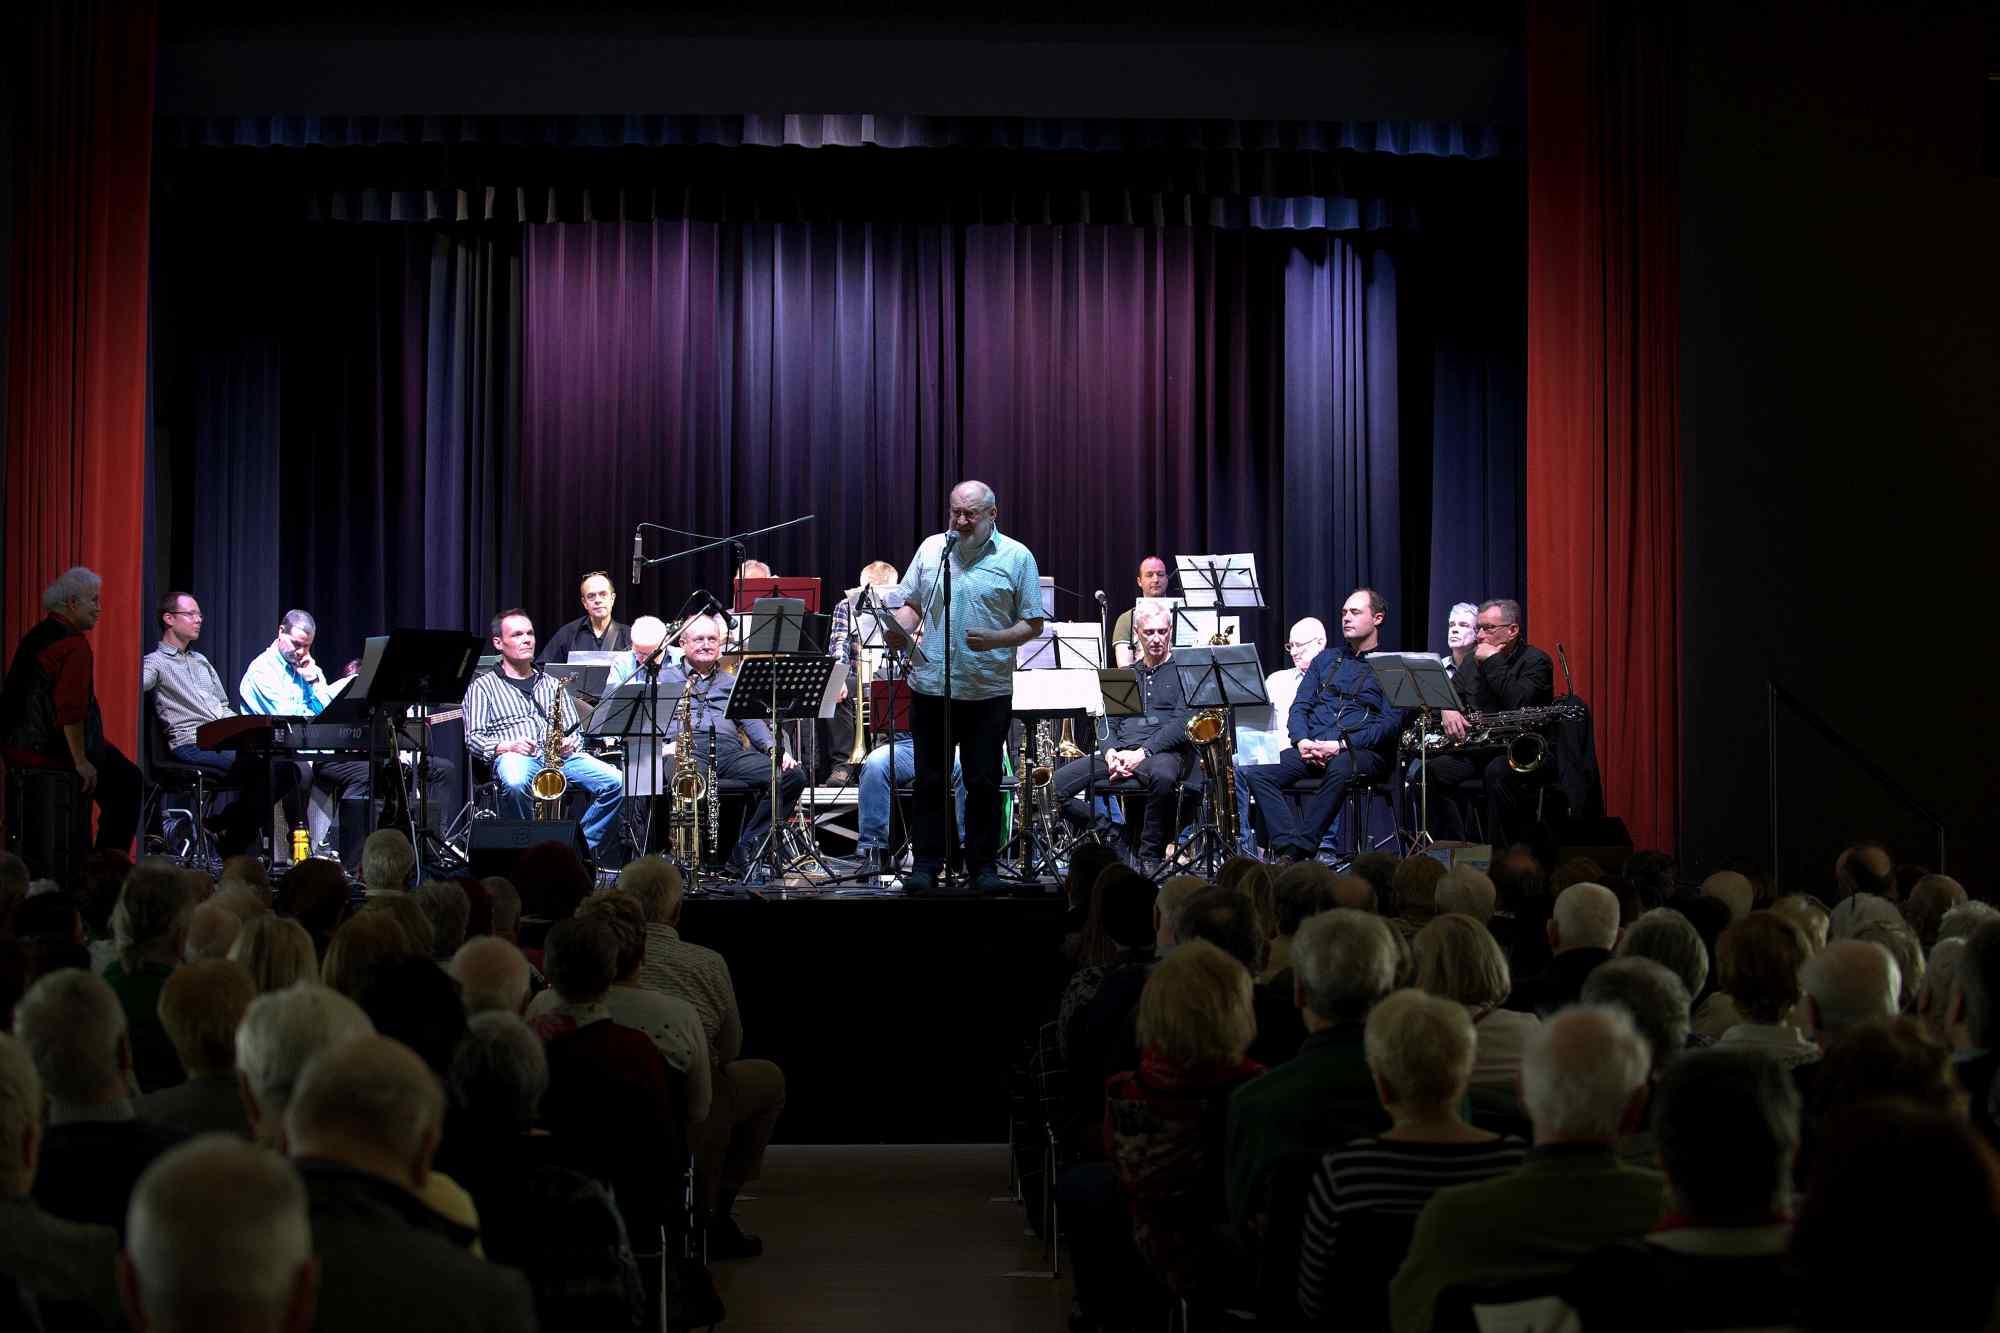 Bongos-Bigband-Konzert_20200301_DSC_2065.NEF_